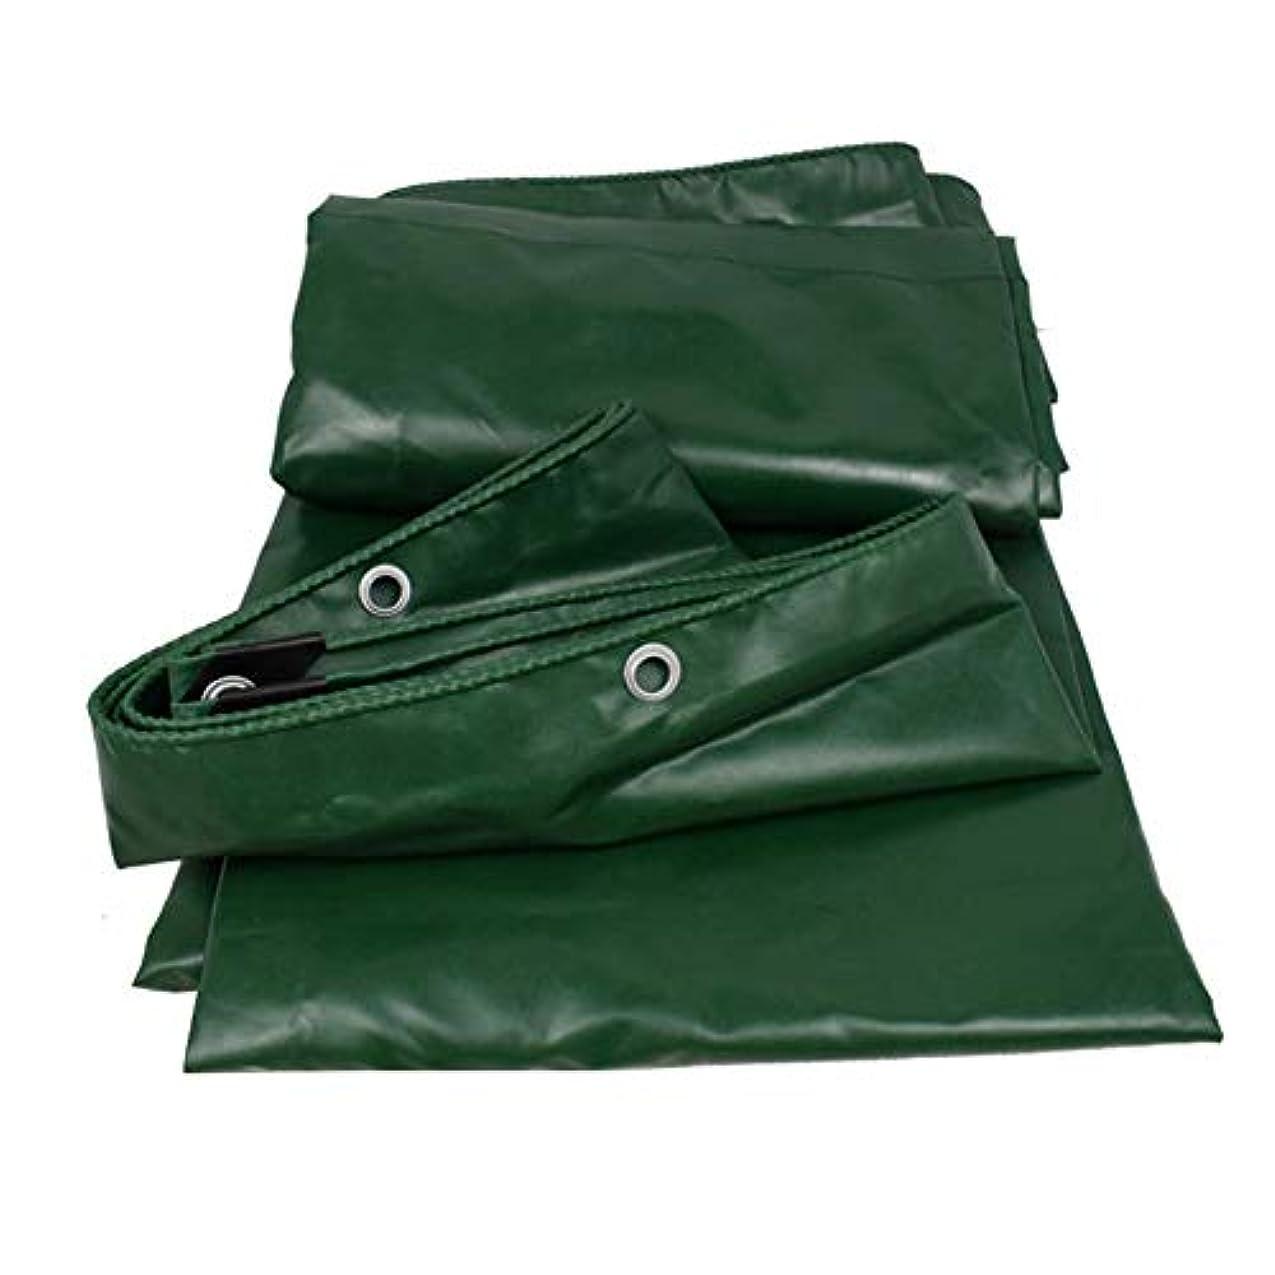 加害者群がるスリップシューズ防水シート厚手防水防水シート - グロメットと強化エッジ付きのUVに強いスーパーヘビーデューティポリカバー、グリーン FENGMIMG (色 : 緑, サイズ さいず : 4×6m)